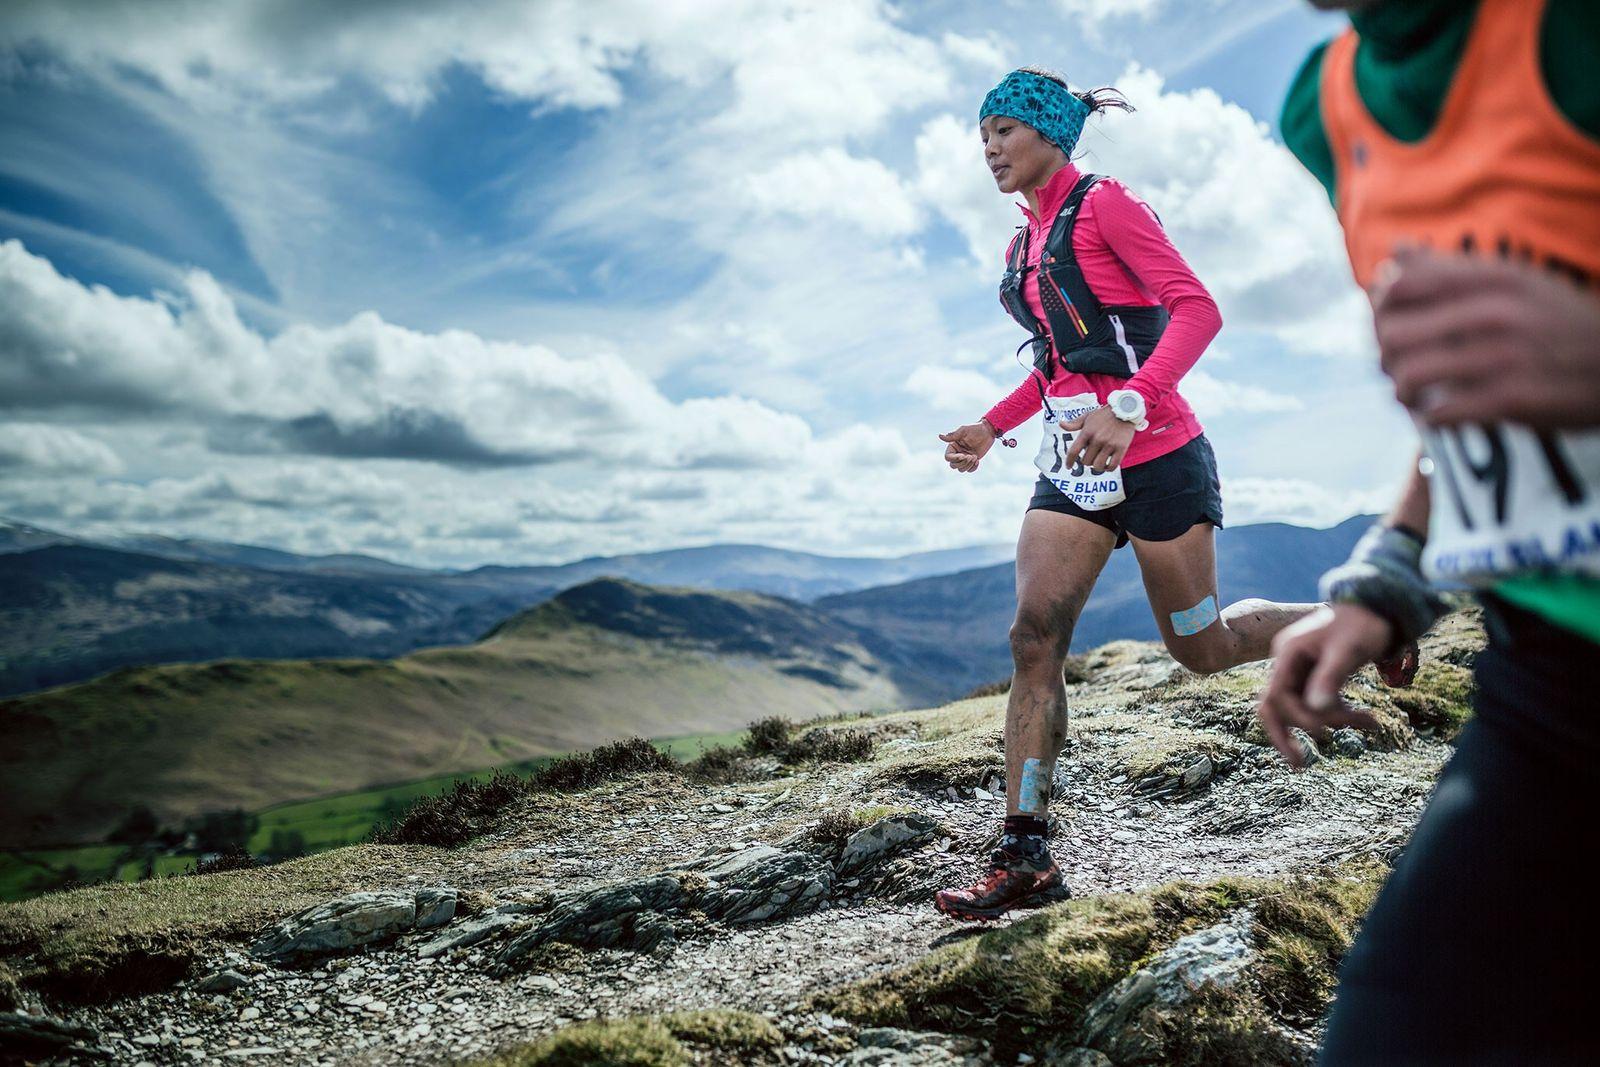 Bild von Läuferin Mira Rai während eines Rennens im Vereinigten Königreich.